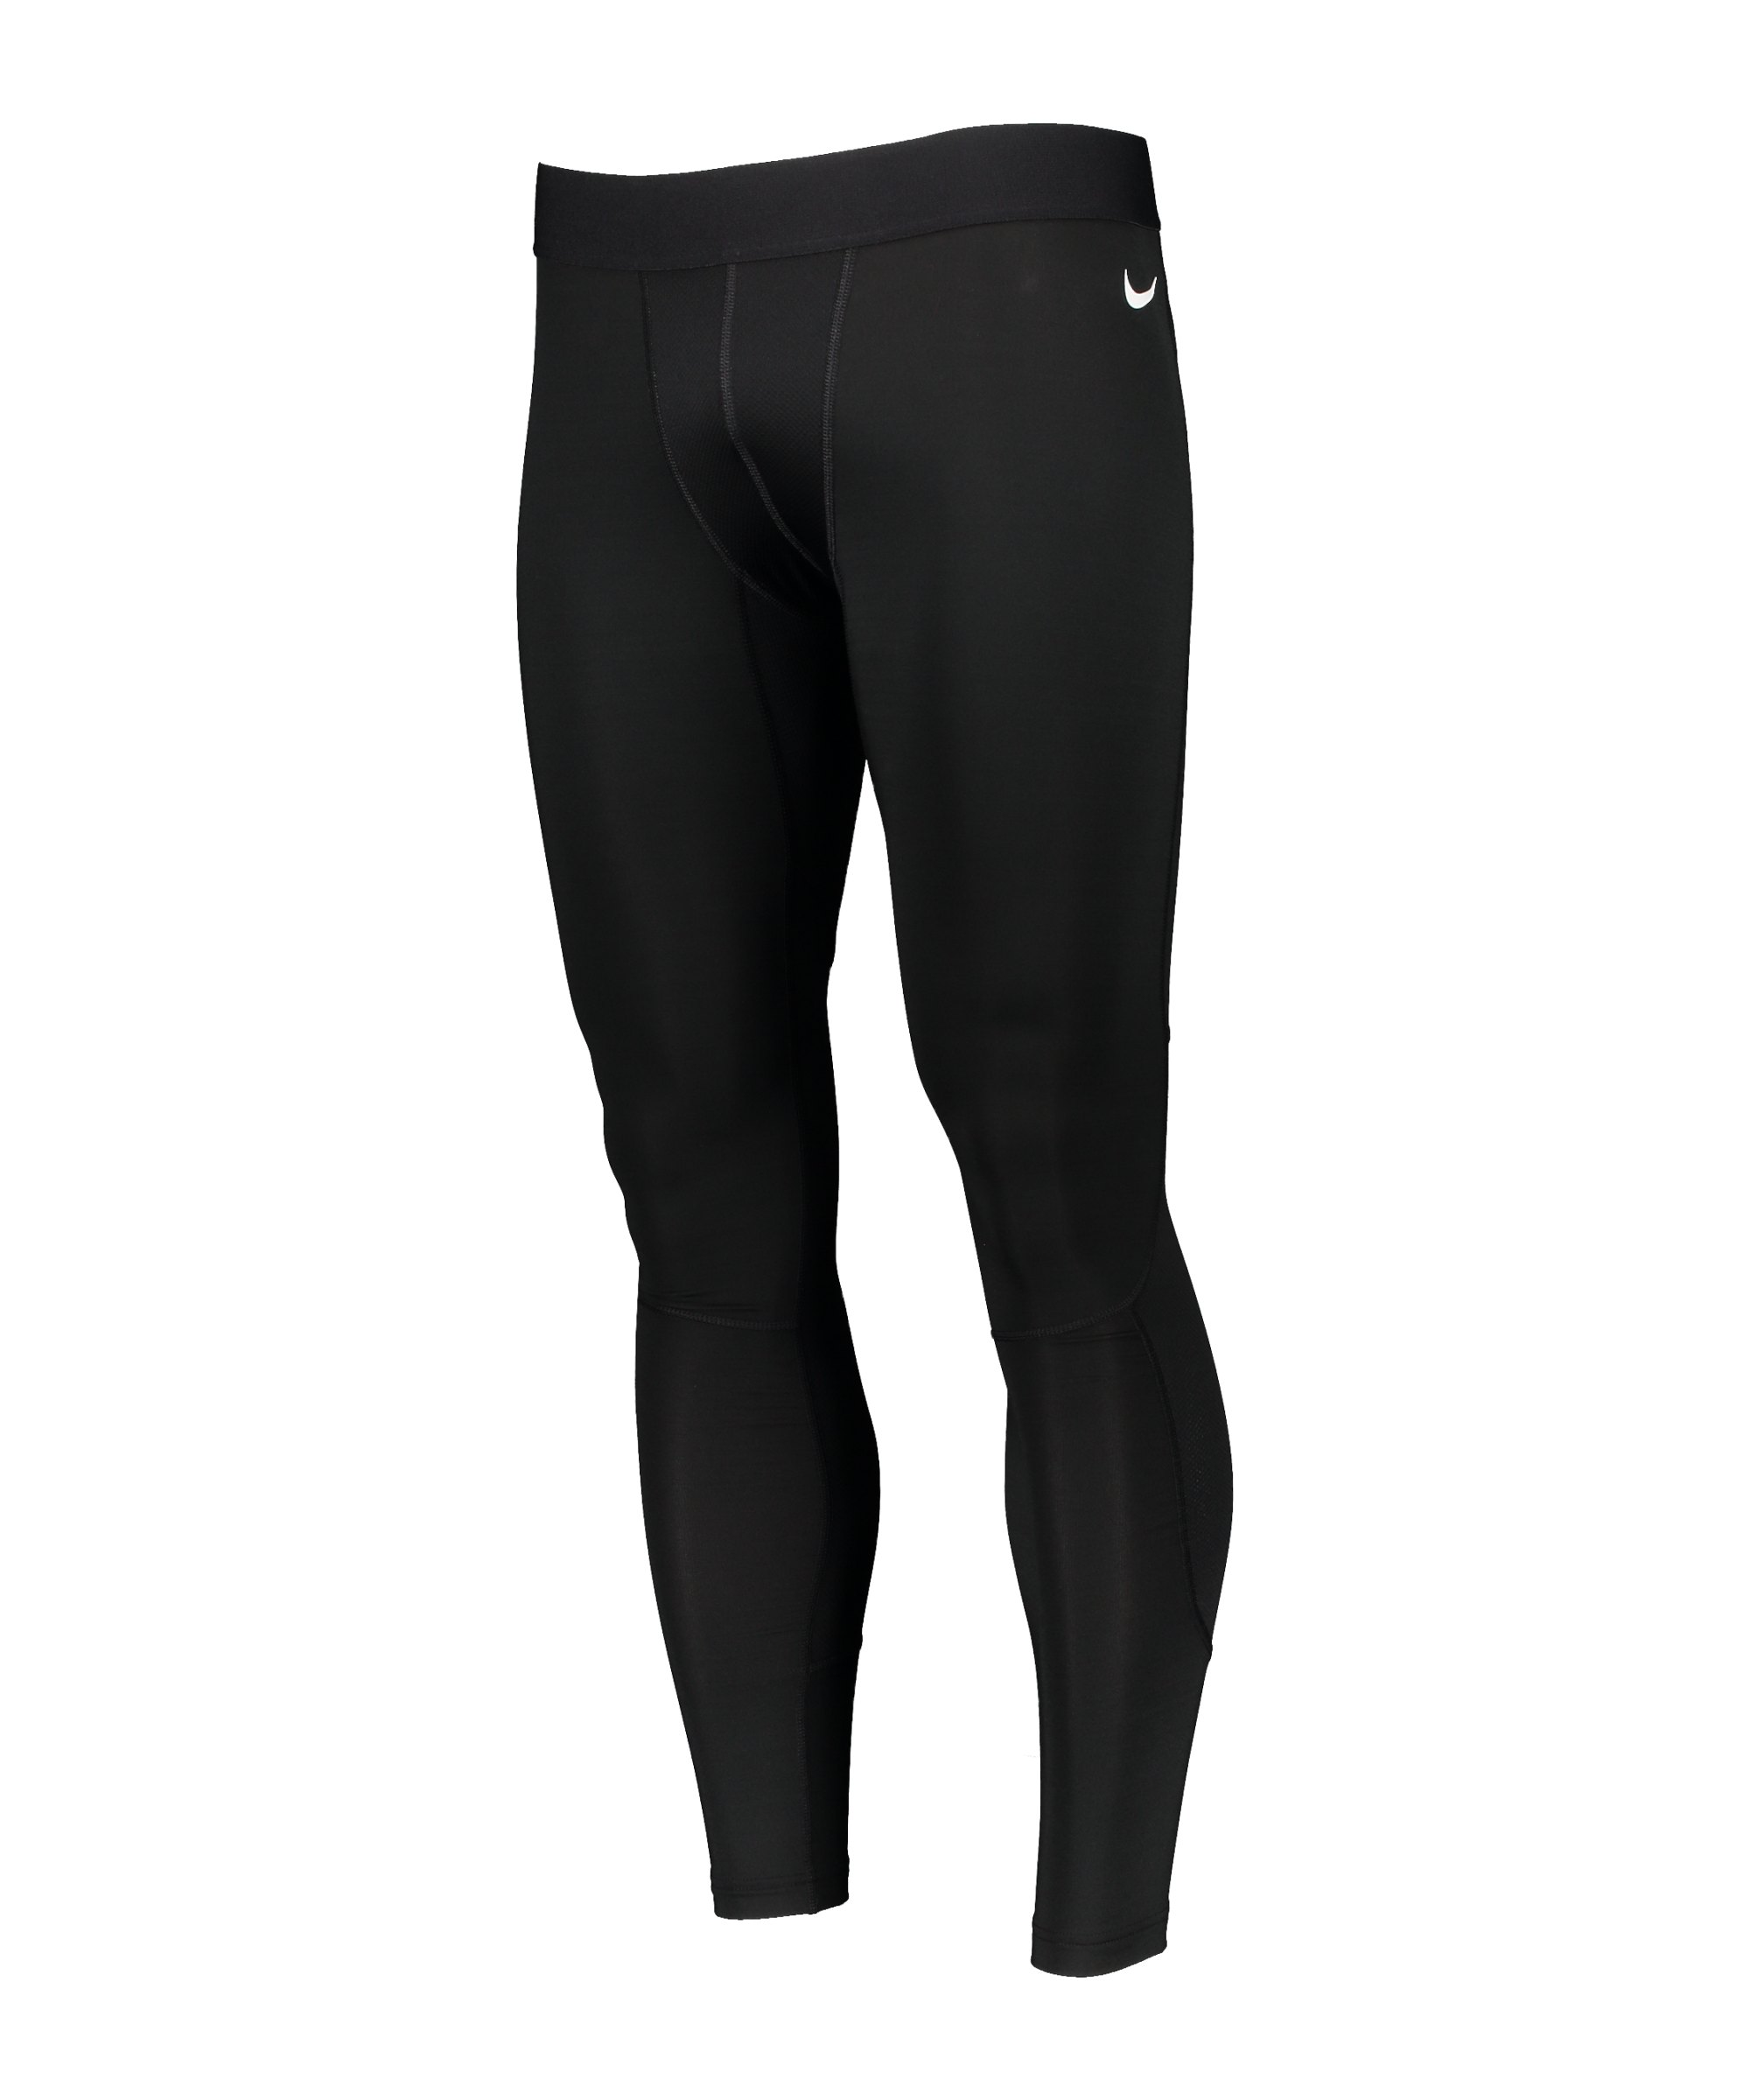 Nike NP Hyperwarm Max Tight Schwarz F010 - blau